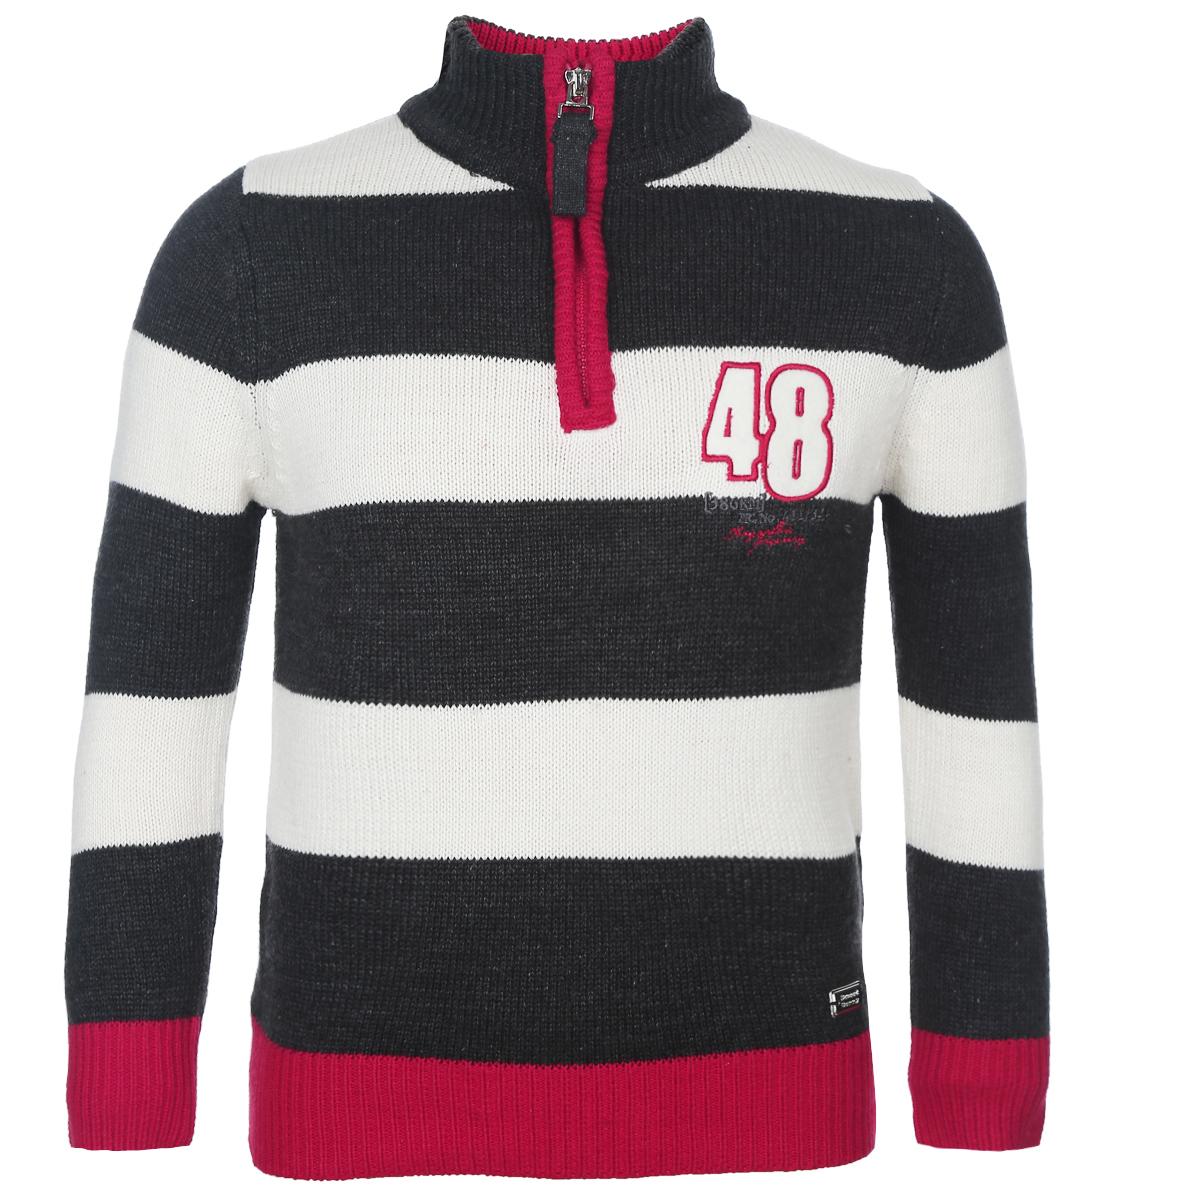 Свитер для мальчика. 186363186363Стильный теплый свитер для мальчика Sweet Berry идеально подойдет вашему маленькому моднику в прохладную погоду. Изготовленный из хлопковой пряжи с добавлением акрила, он необычайно мягкий и приятный на ощупь, не сковывает движения и позволяет коже дышать, не раздражает даже самую нежную и чувствительную кожу ребенка, обеспечивая ему наибольший комфорт. Свитер с длинными рукавами и воротником-стойкой спереди застегивается на небольшую пластиковую застежку-молнию. Оформлен свитер цветными вязаными полосками, а на груди украшен небольшой вышивкой. Низ изделия, манжеты и горловина связаны резинкой. Современный дизайн и расцветка делают этот свитер модным и стильным предметом детского гардероба. В нем ваш маленький мужчина будет чувствовать себя уютно и комфортно и всегда будет в центре внимания!